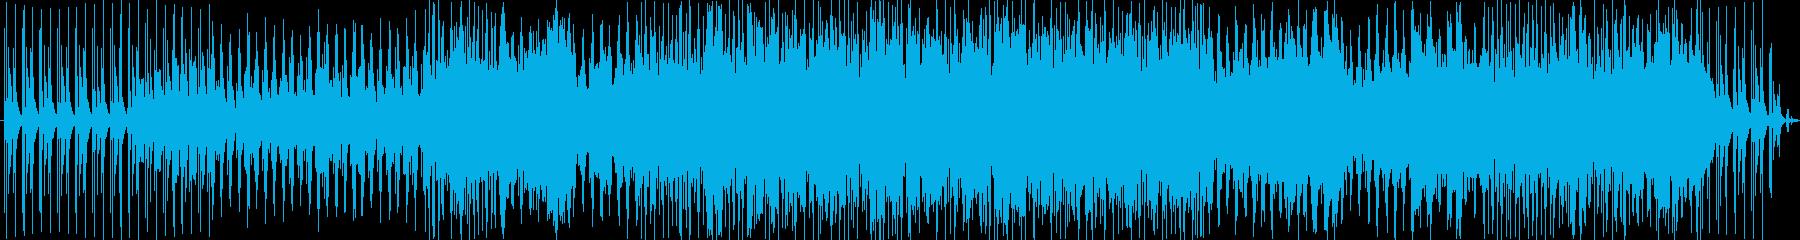 Deja Vuの再生済みの波形